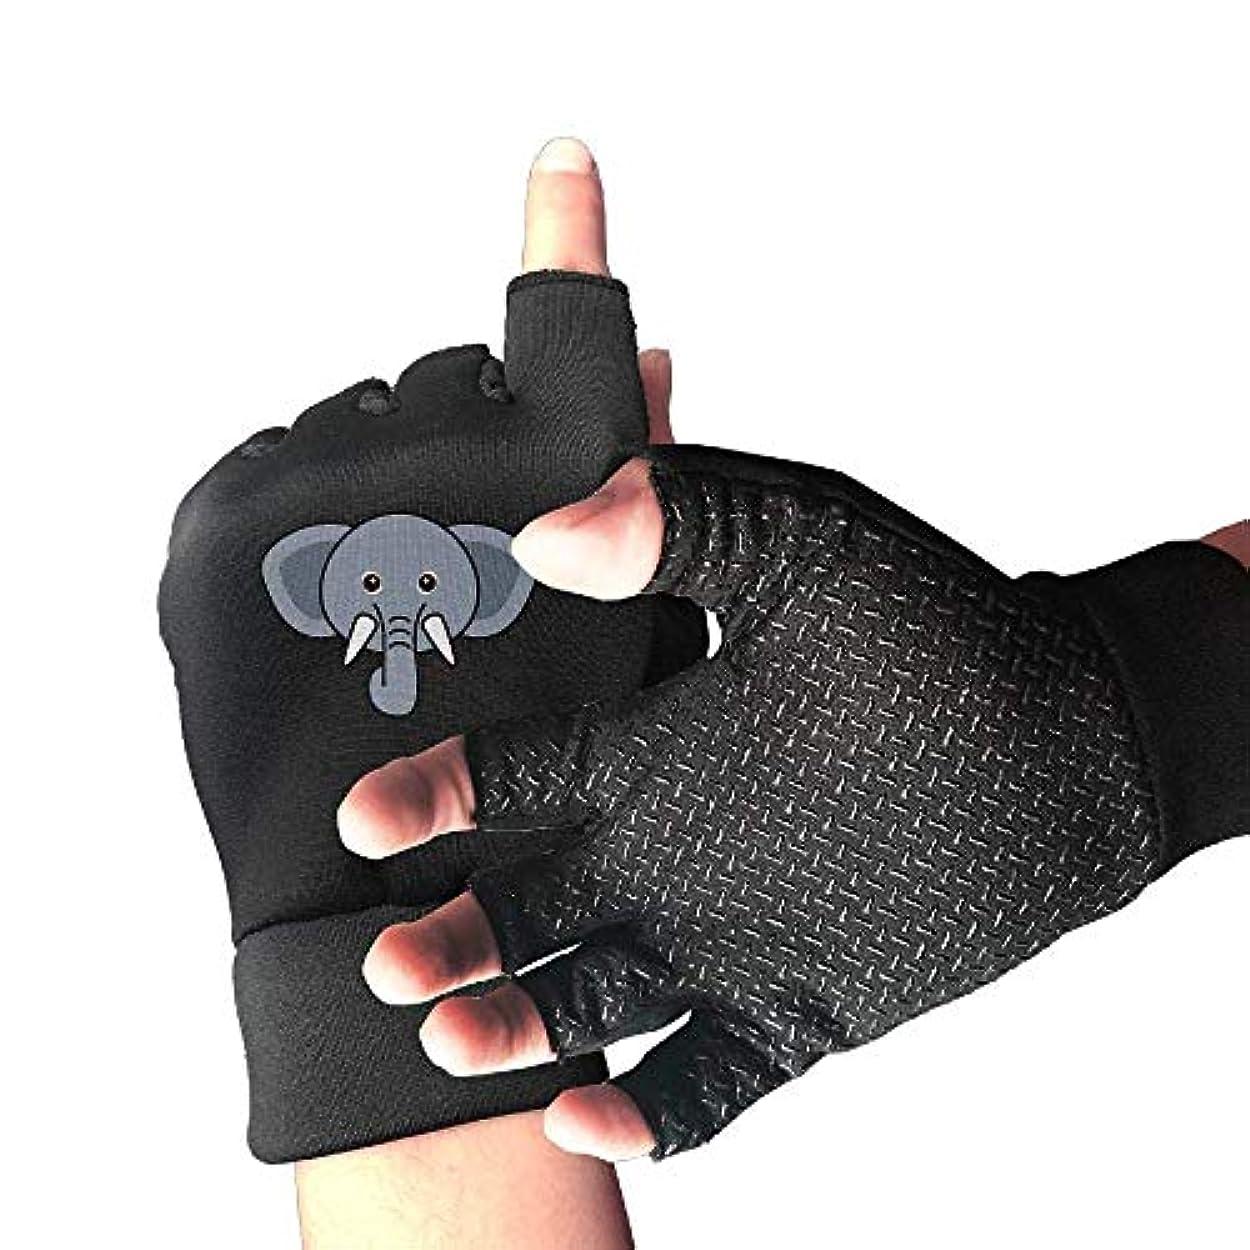 準備した恥謝罪するCycling Gloves Elephant Men's/Women's Mountain Bike Gloves Half Finger Anti-Slip Motorcycle Gloves